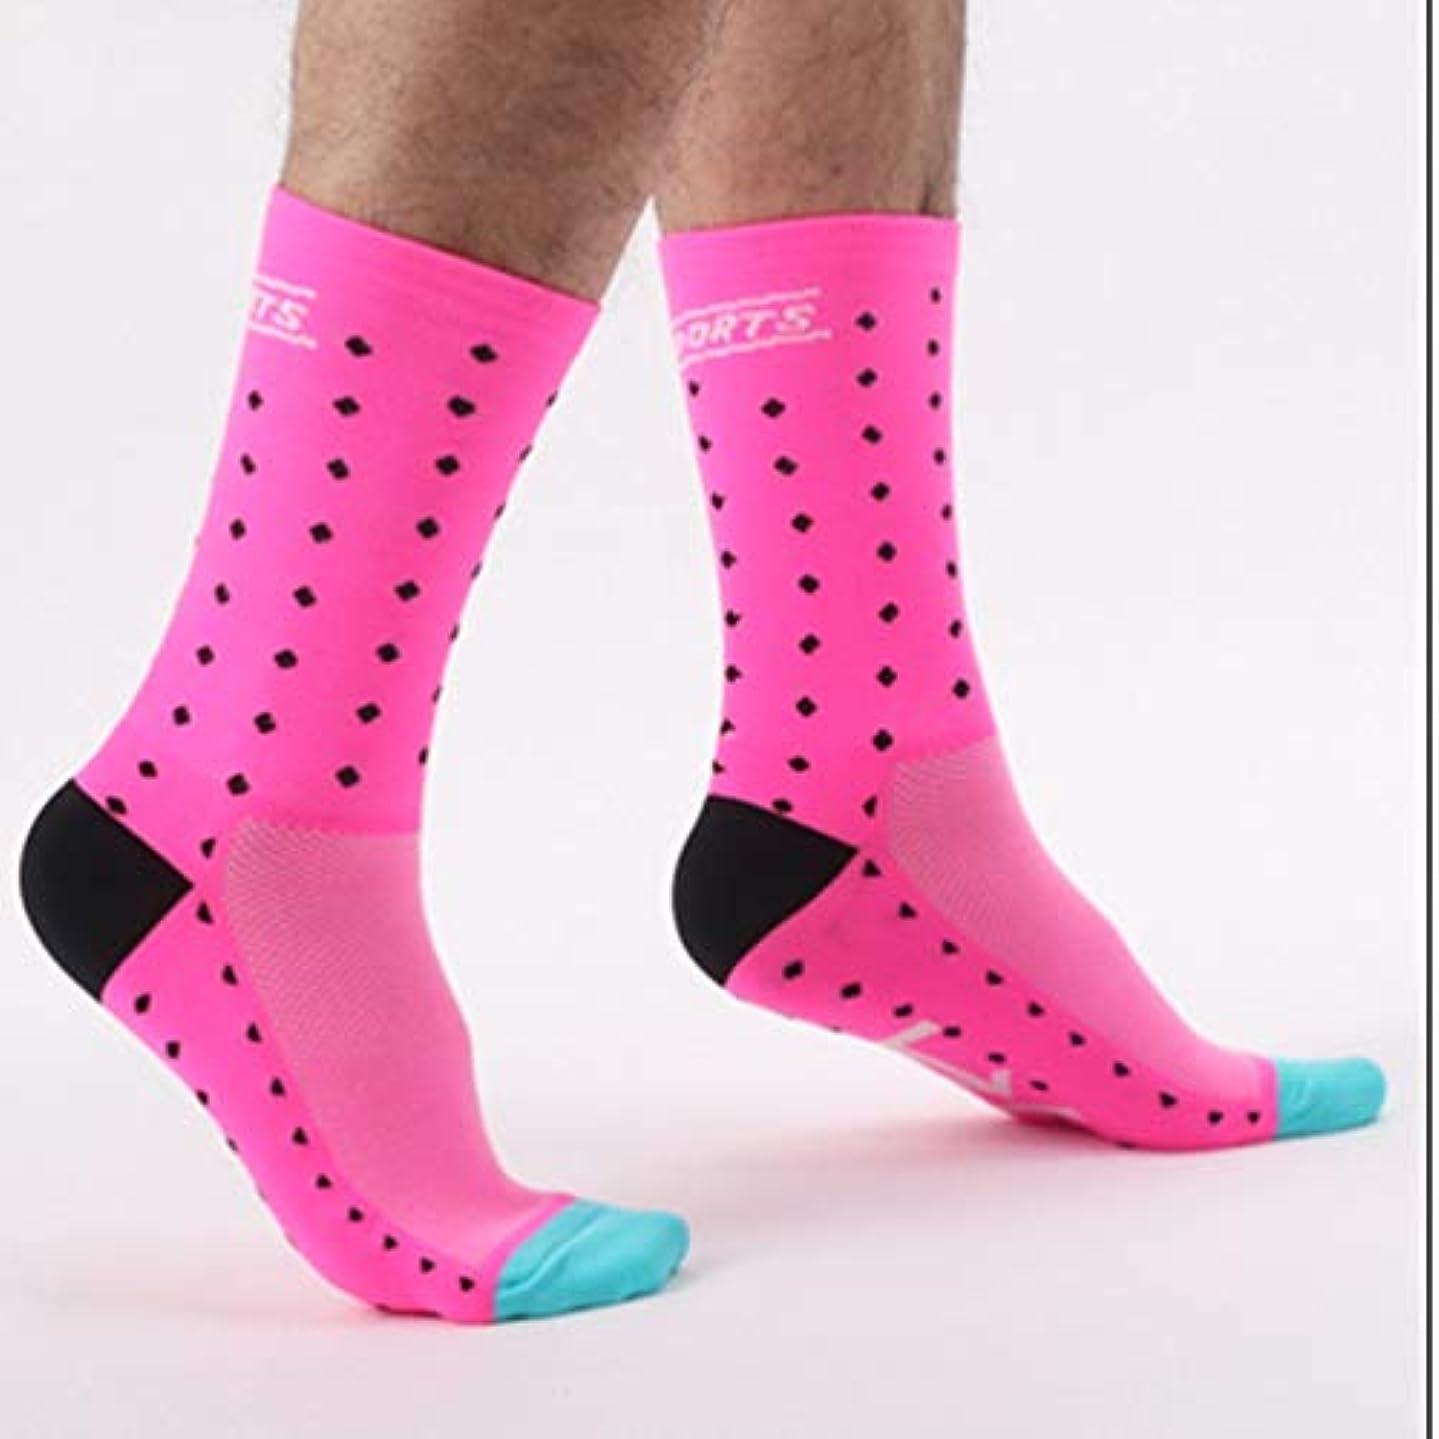 告発者流暢委員長DH04快適なファッショナブルな屋外サイクリングソックス男性女性プロの通気性スポーツソックスバスケットボールソックス - ピンク